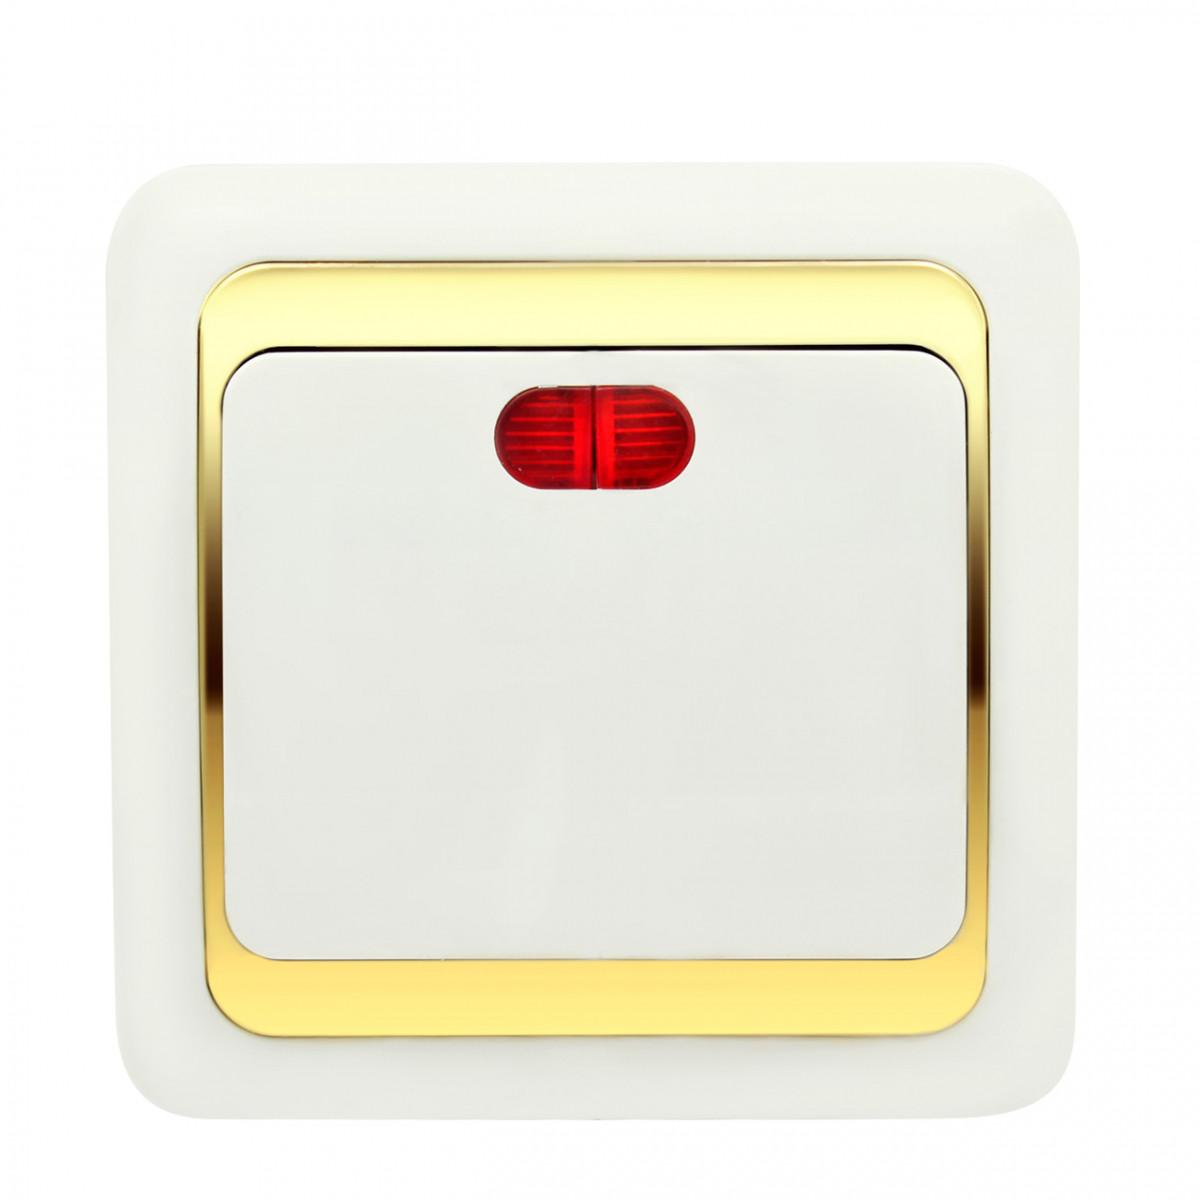 Выключатель Wega одинарный с подсветкой золото